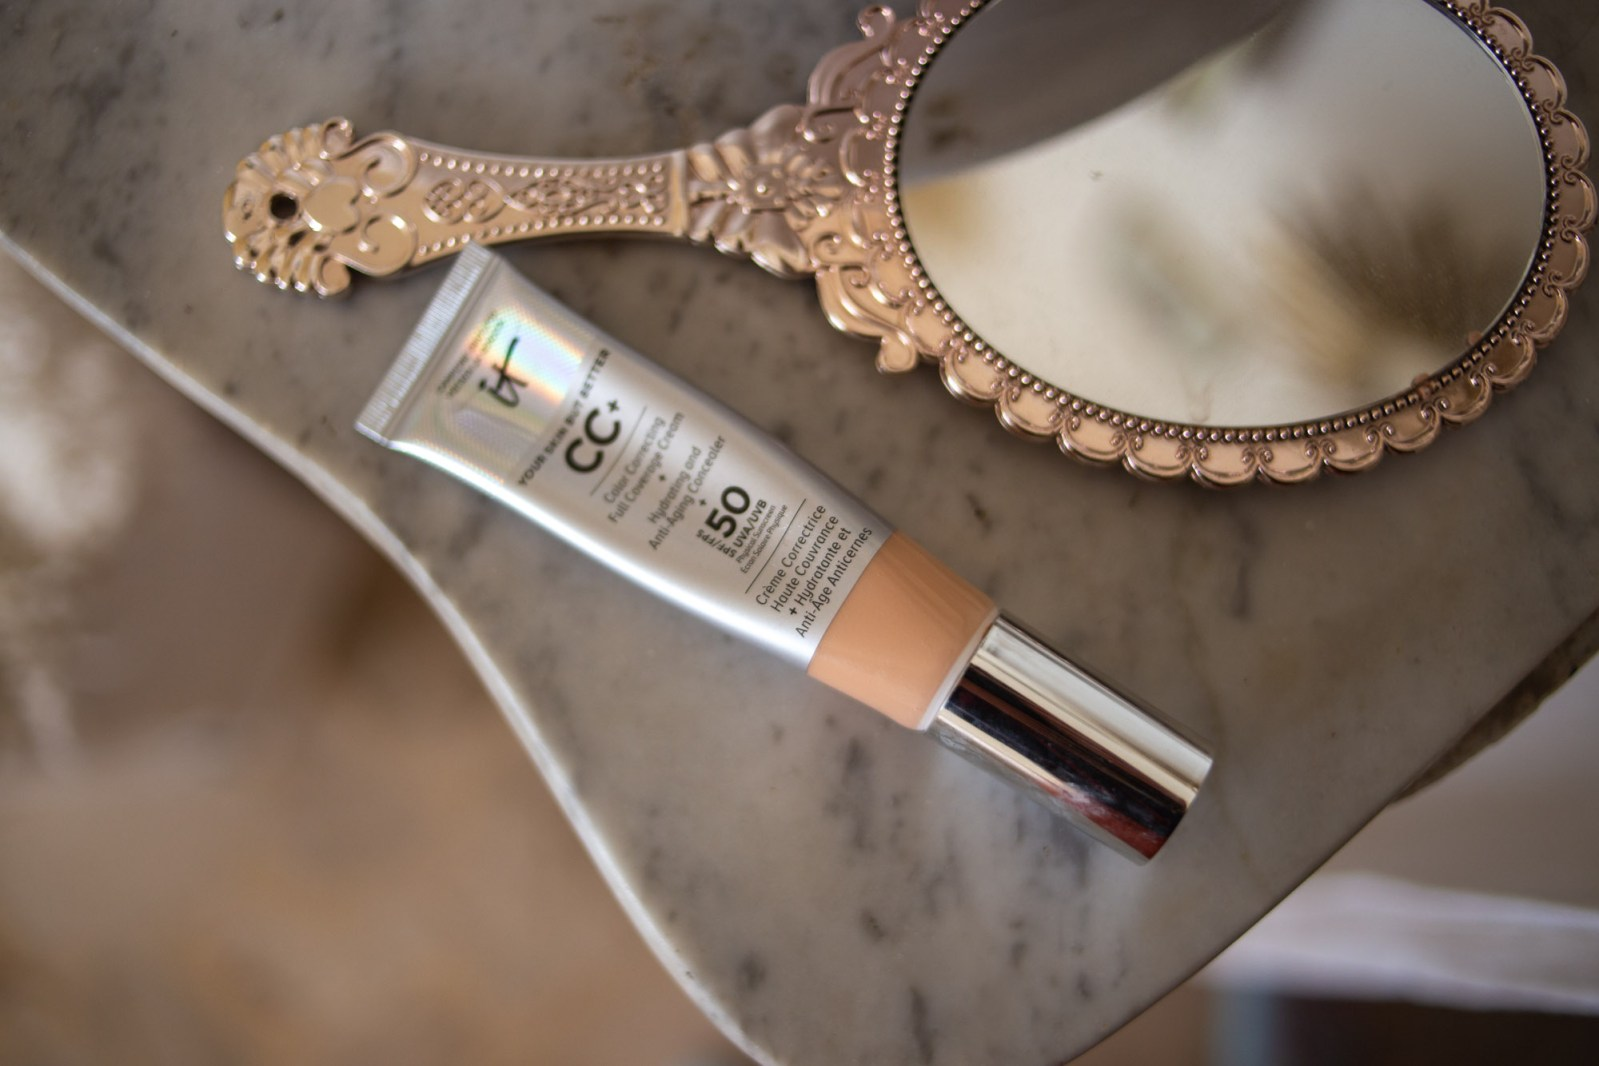 confezione cc cream it cosmetics